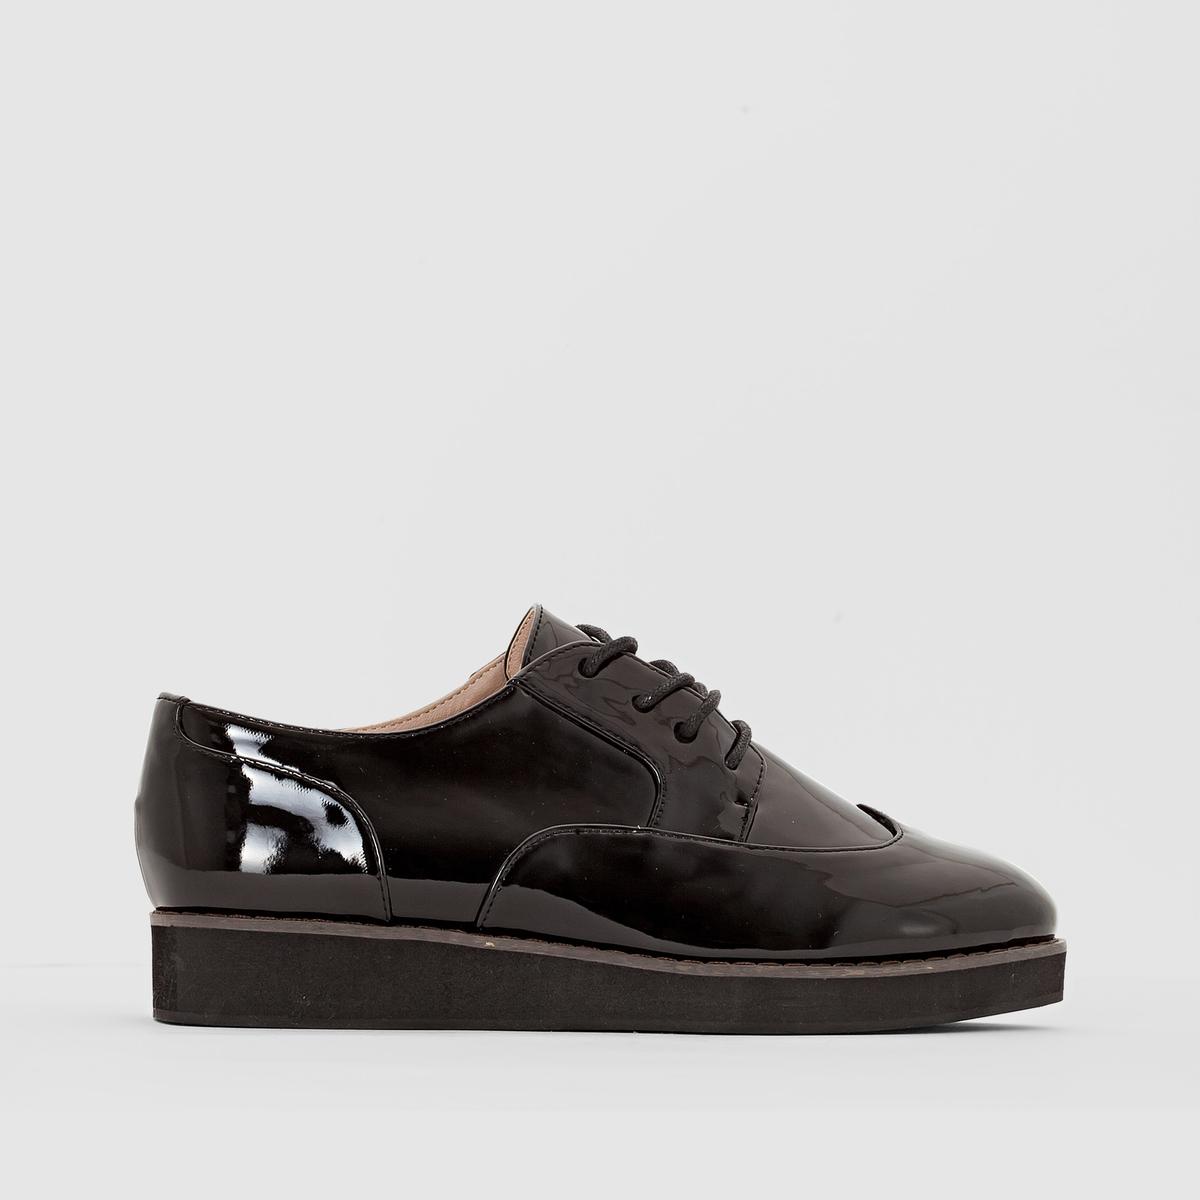 Ботинки-дерби синтетические, размер 38-45